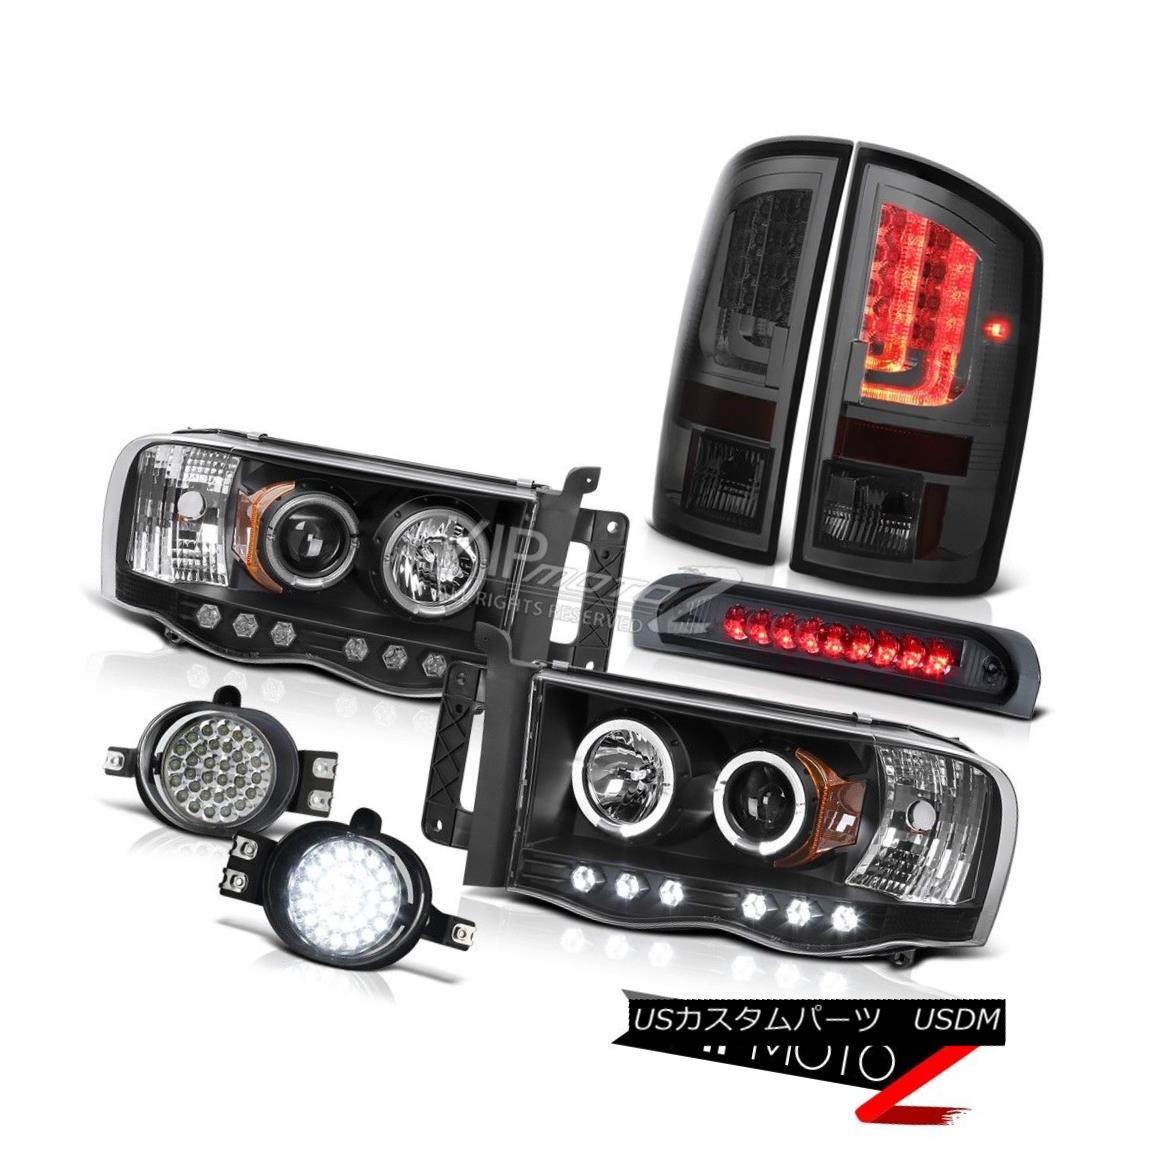 ヘッドライト 2003-2005 Dodge Ram 1500 4.7L Tail Lights Headlights Fog Lamps High STop Lamp 2003-2005 Dodge Ram 1500 4.7LテールライトヘッドライトフォグランプハイSTOPランプ